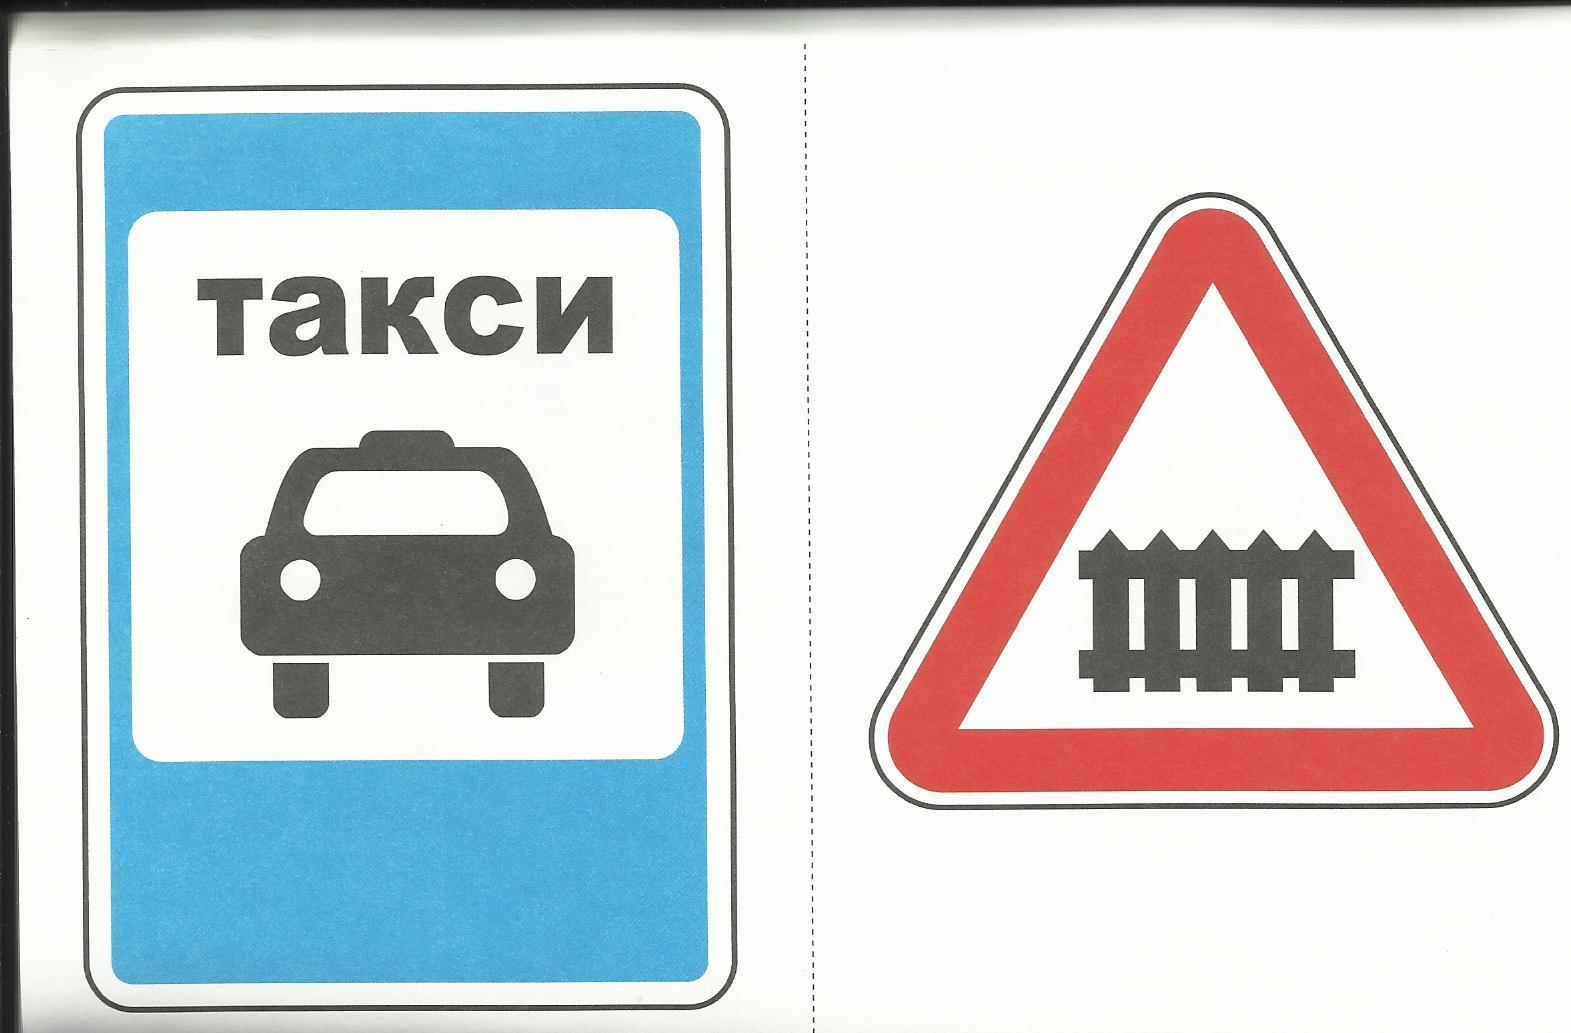 дорожные знаки картинки для распечатки рыбины могли обеспечить